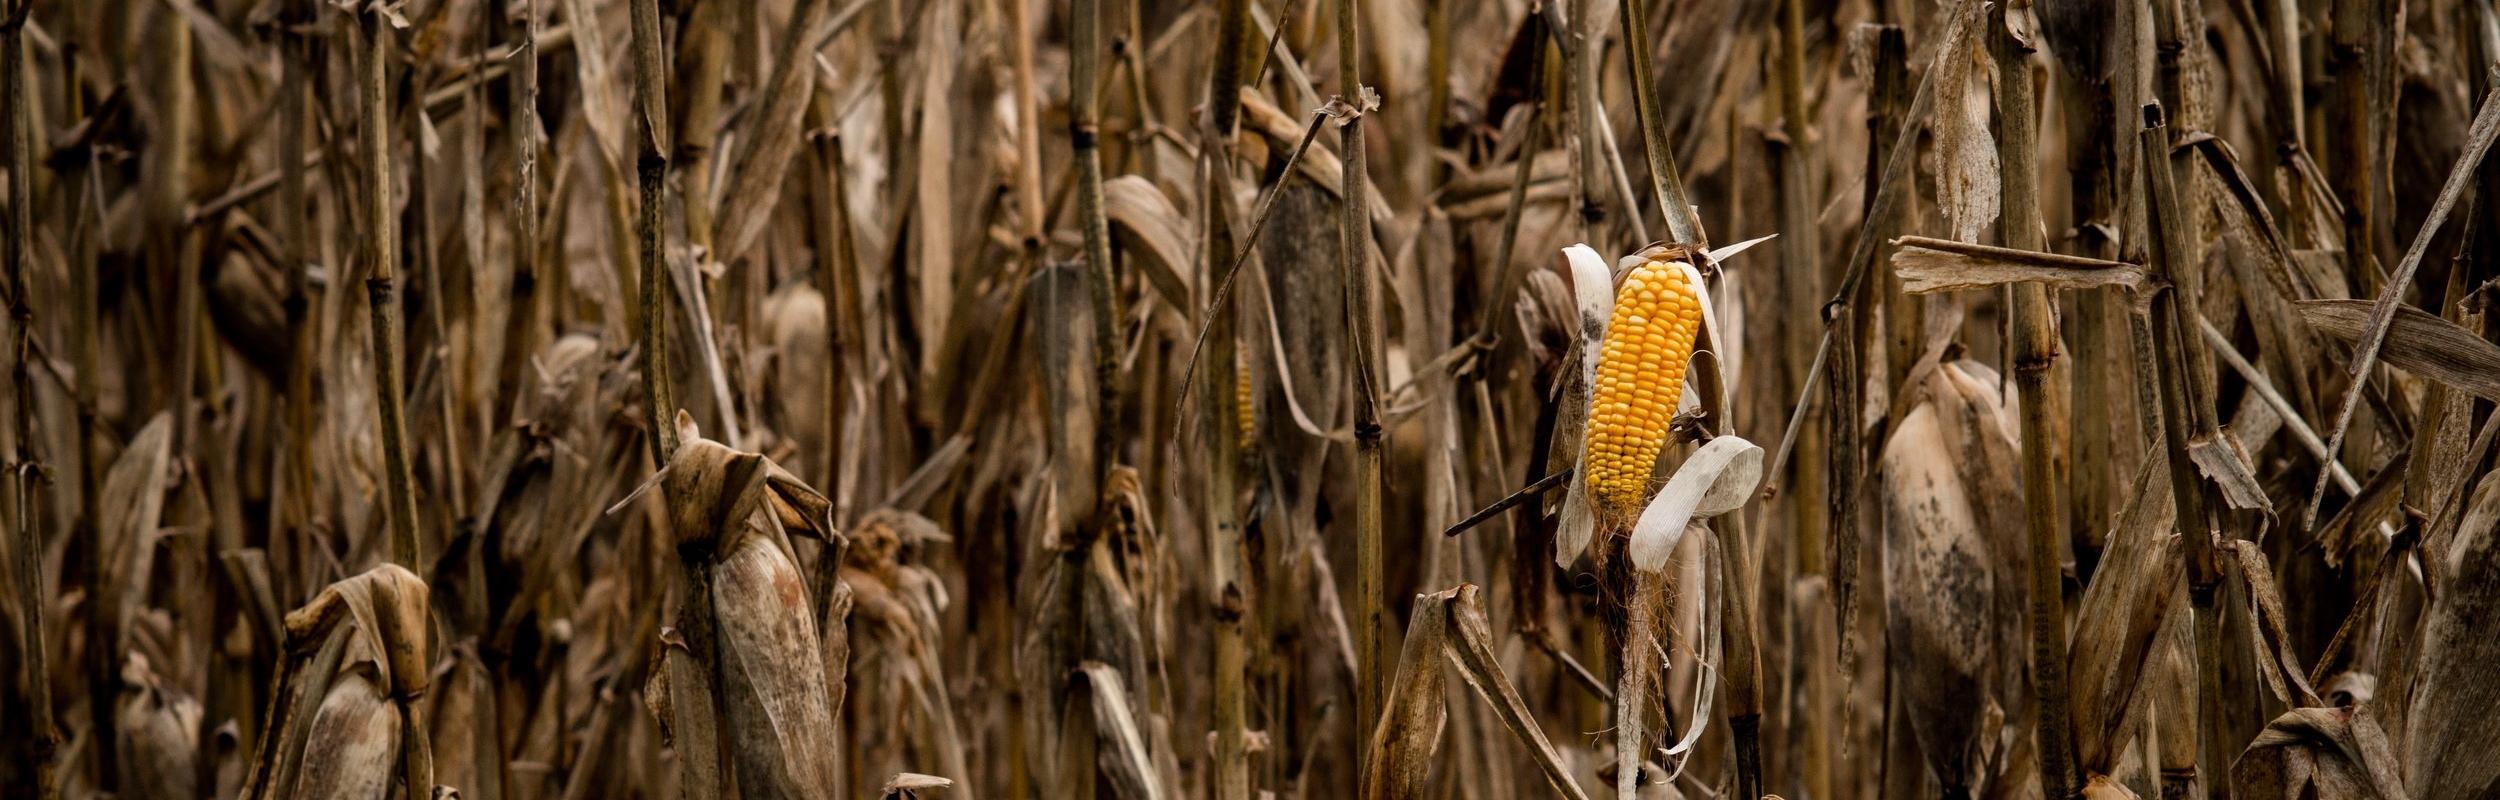 crop-3067356.jpg